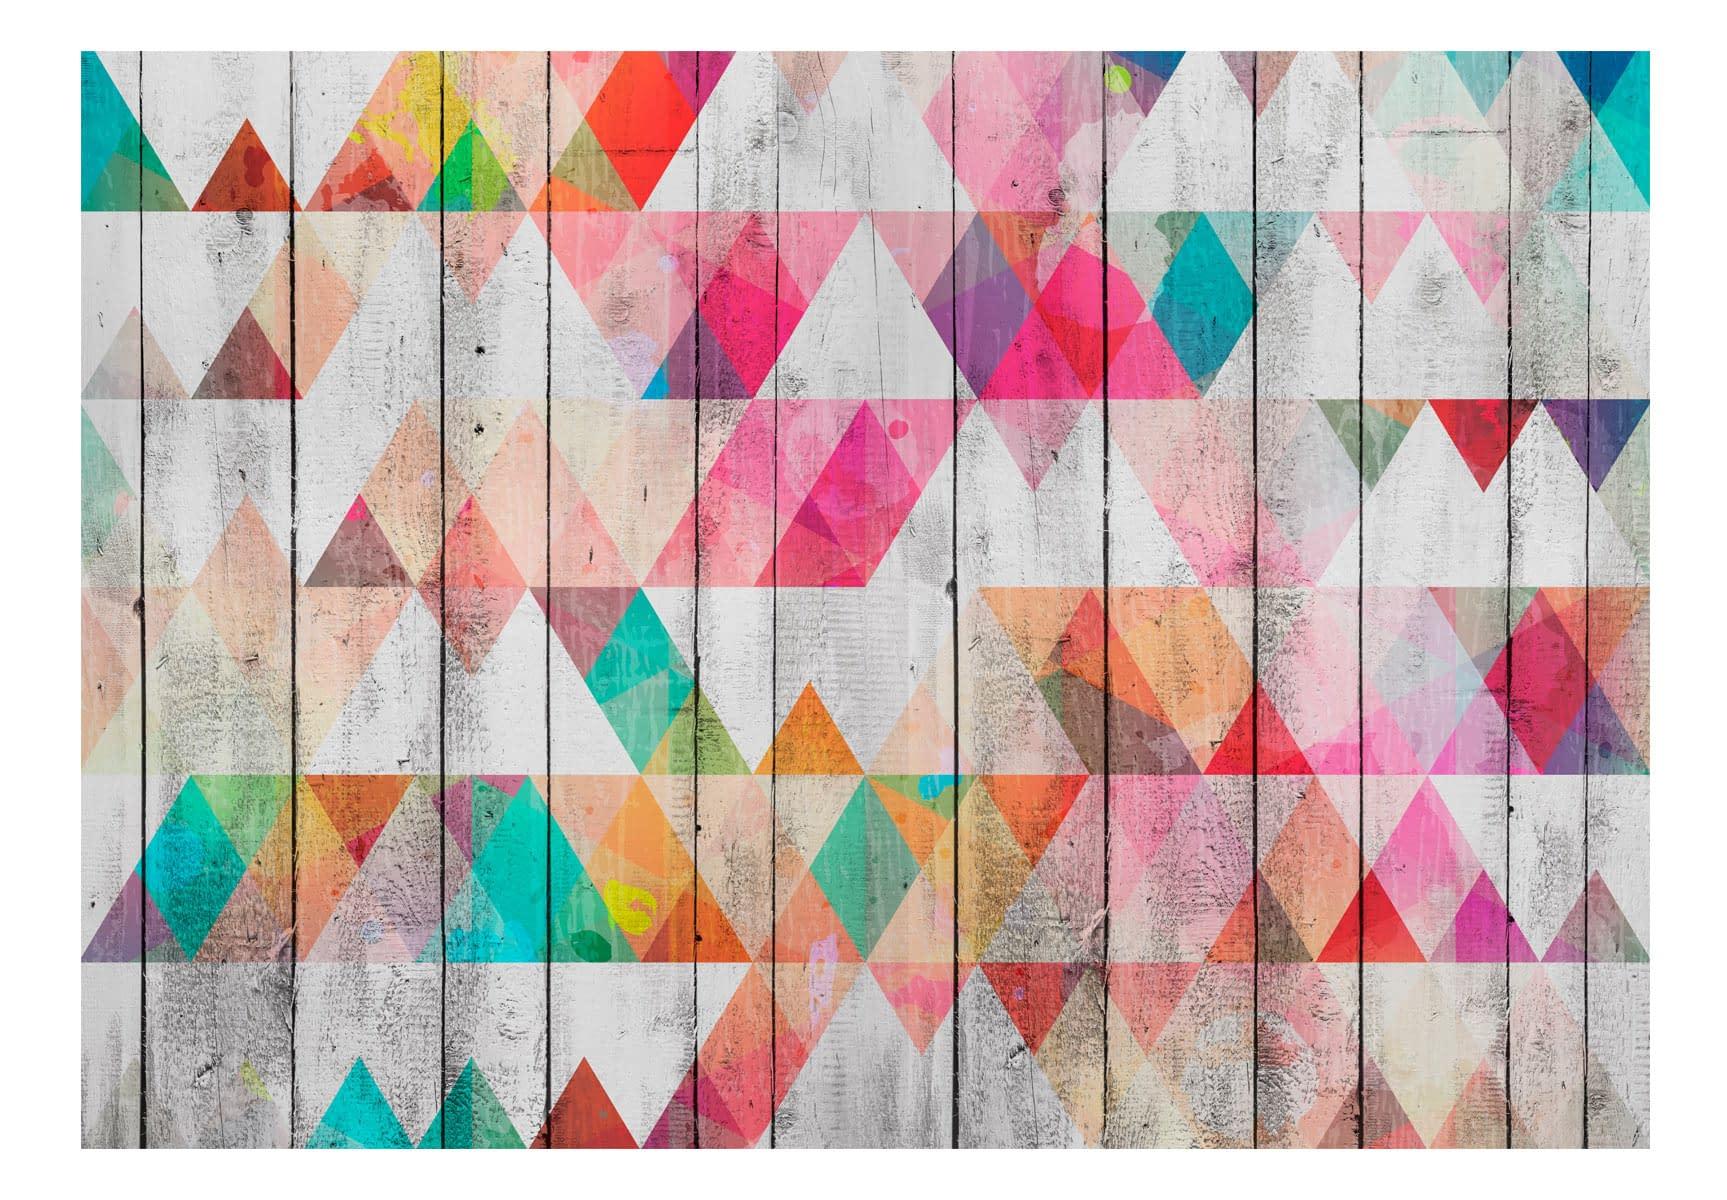 Fototapeta samoprzylepna – Tęczowe trójkąty